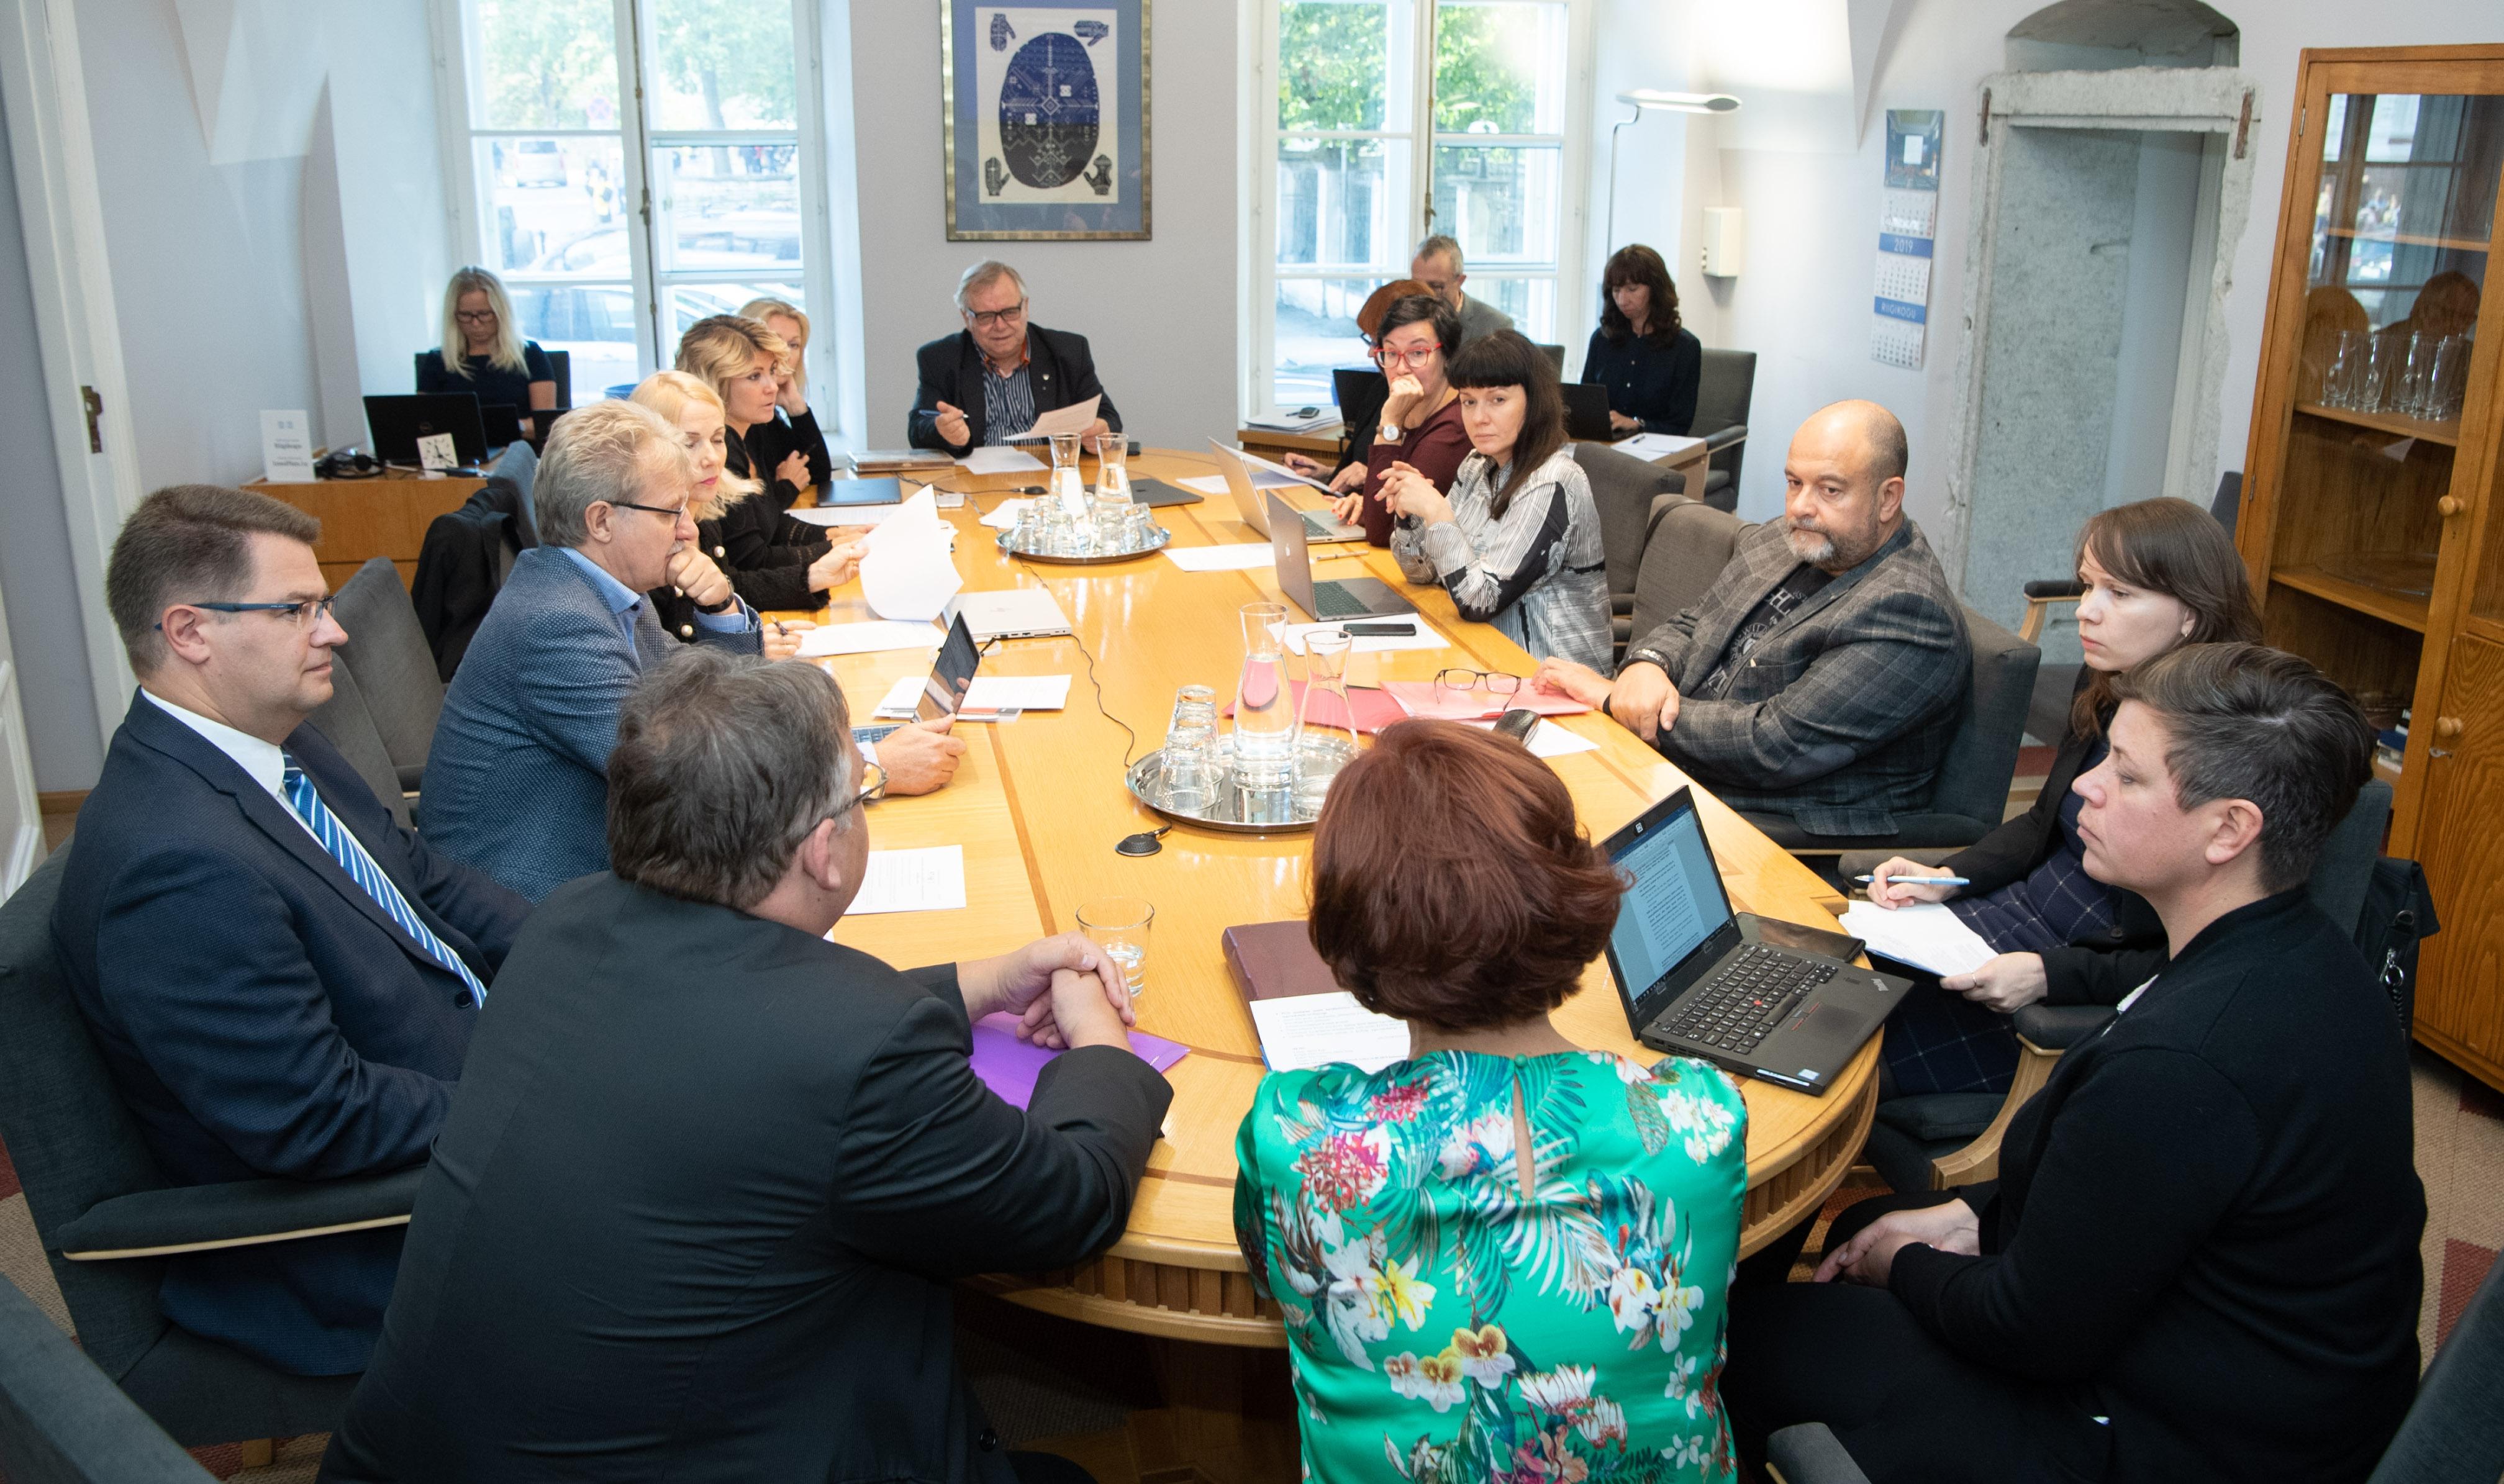 Kultuurikomisjon saatis esimesele lugemisele põhikooli eksamitest loobumise eelnõu